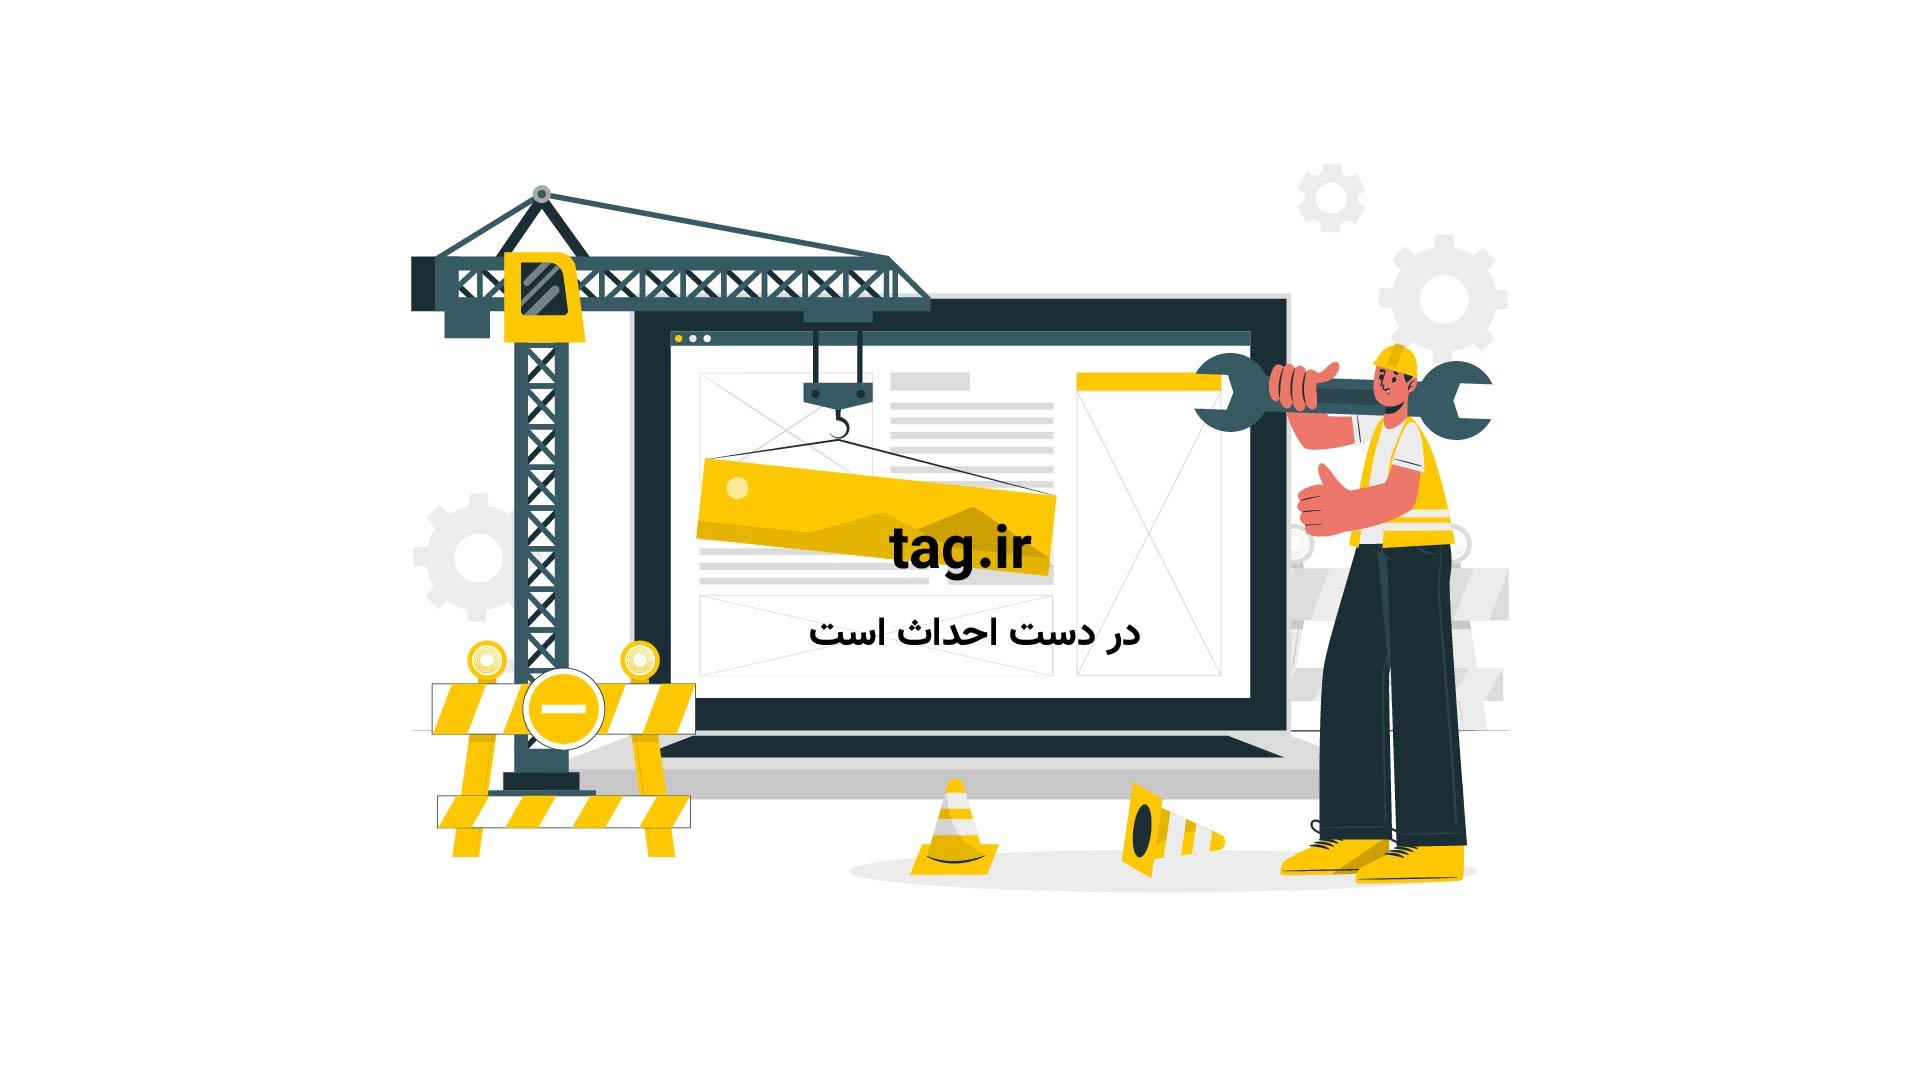 رییس جمهور در مراسم رژه نیروهای مسلح به مناسبت آغاز هفته دفاع مقدس | فیلم